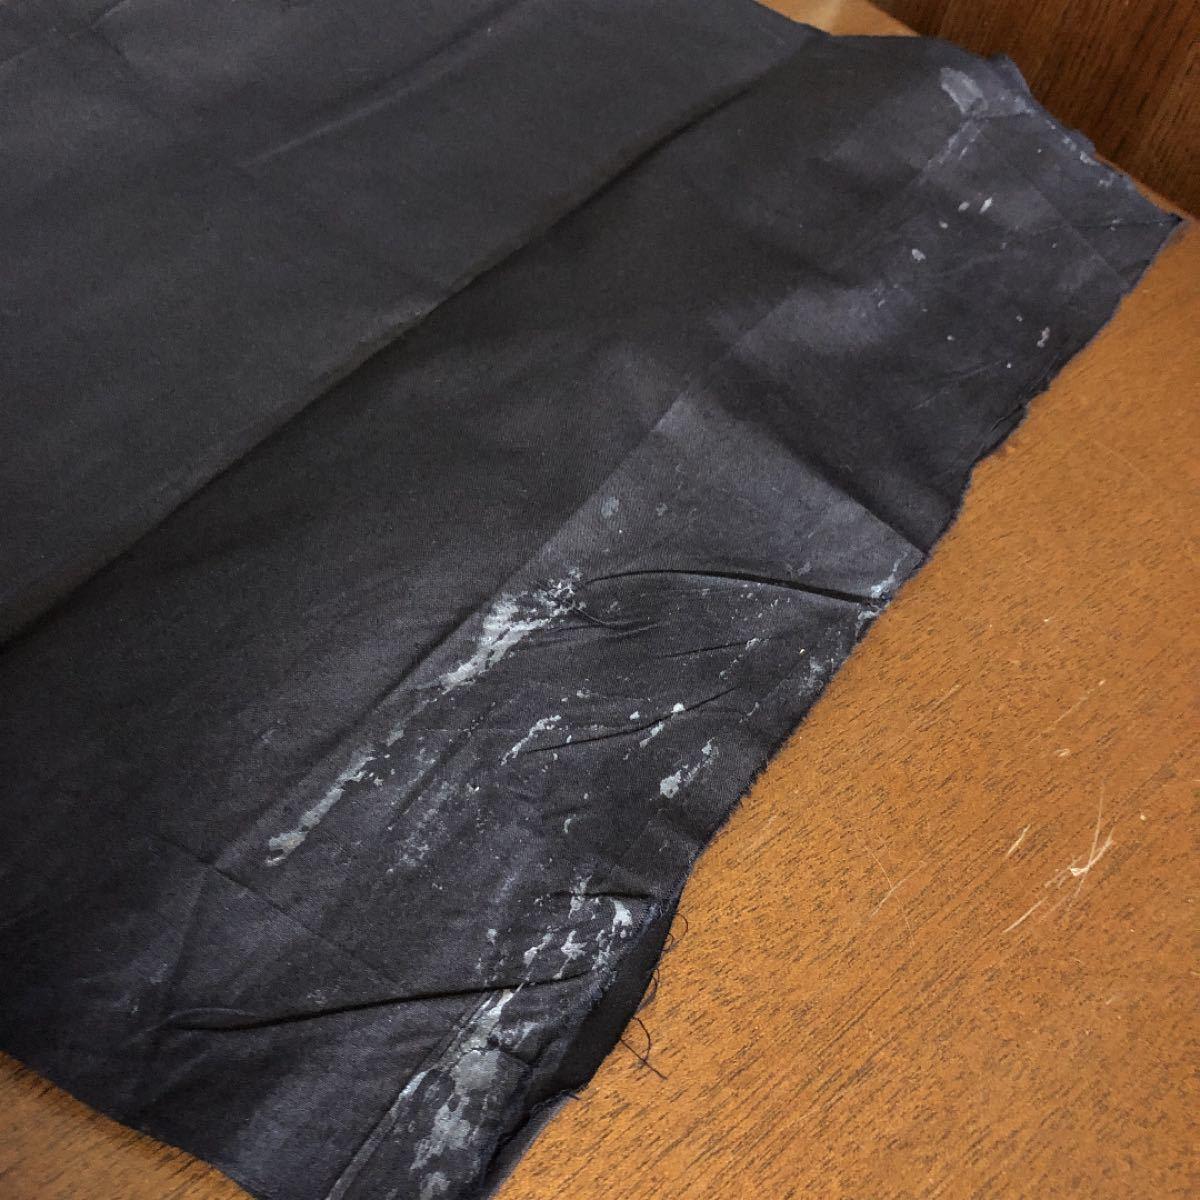 男物の着物の裏地?はぎれ つまみ細工 小物 インテリア等リメイクリフォーム用 ハンドメイド素材 手芸 ホームソーイング 綿 木綿